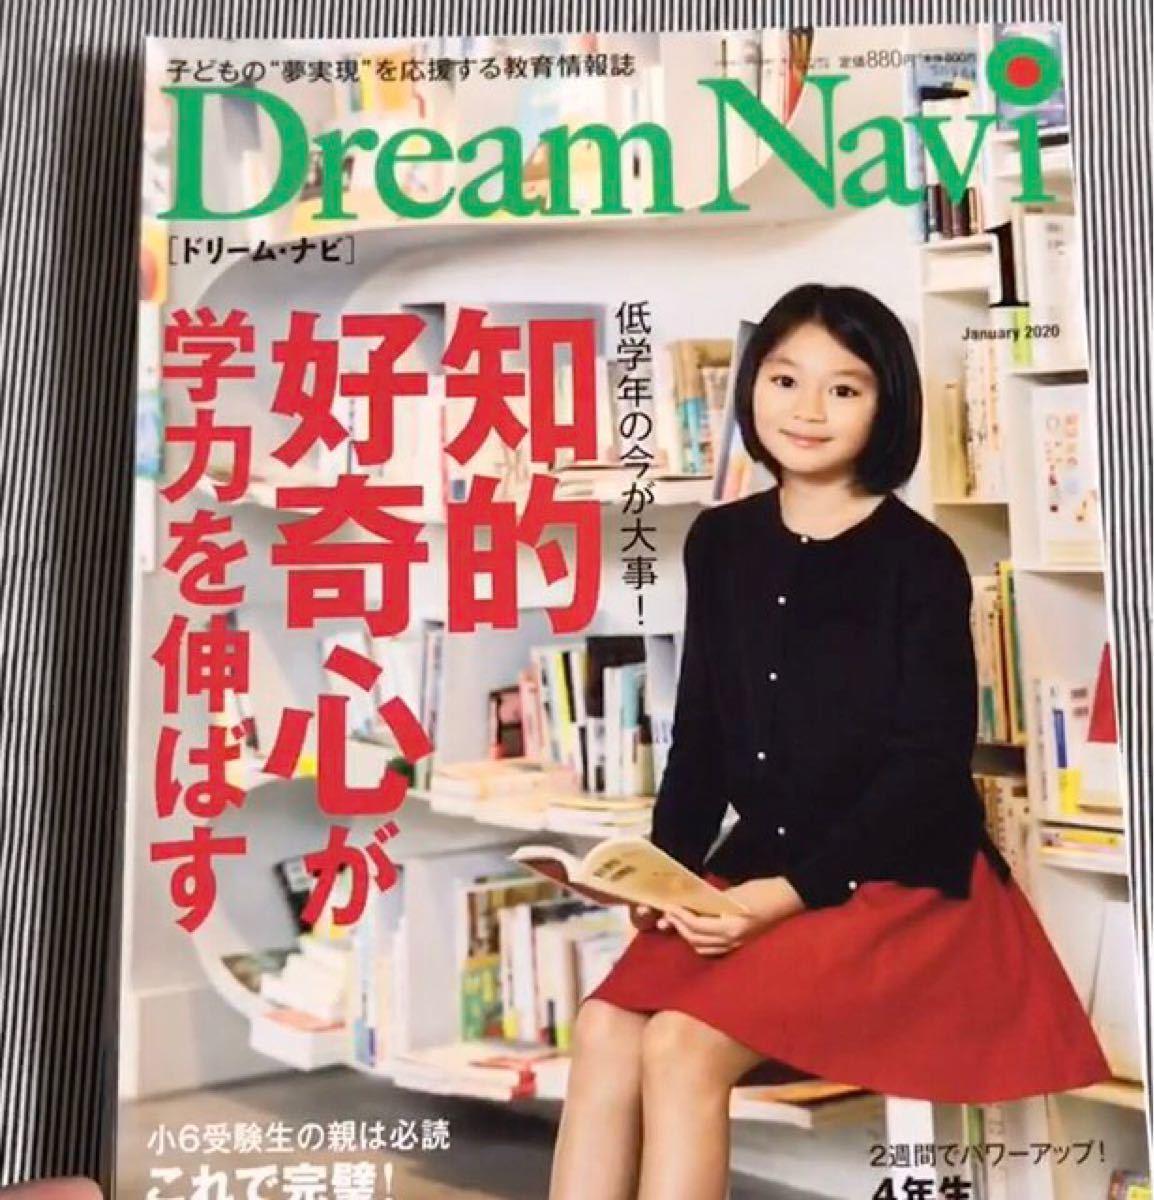 【中学受験に興味がある方へ】美品!教育情報誌 Dream Navi  2020年1.3.4.5月号 4冊セット